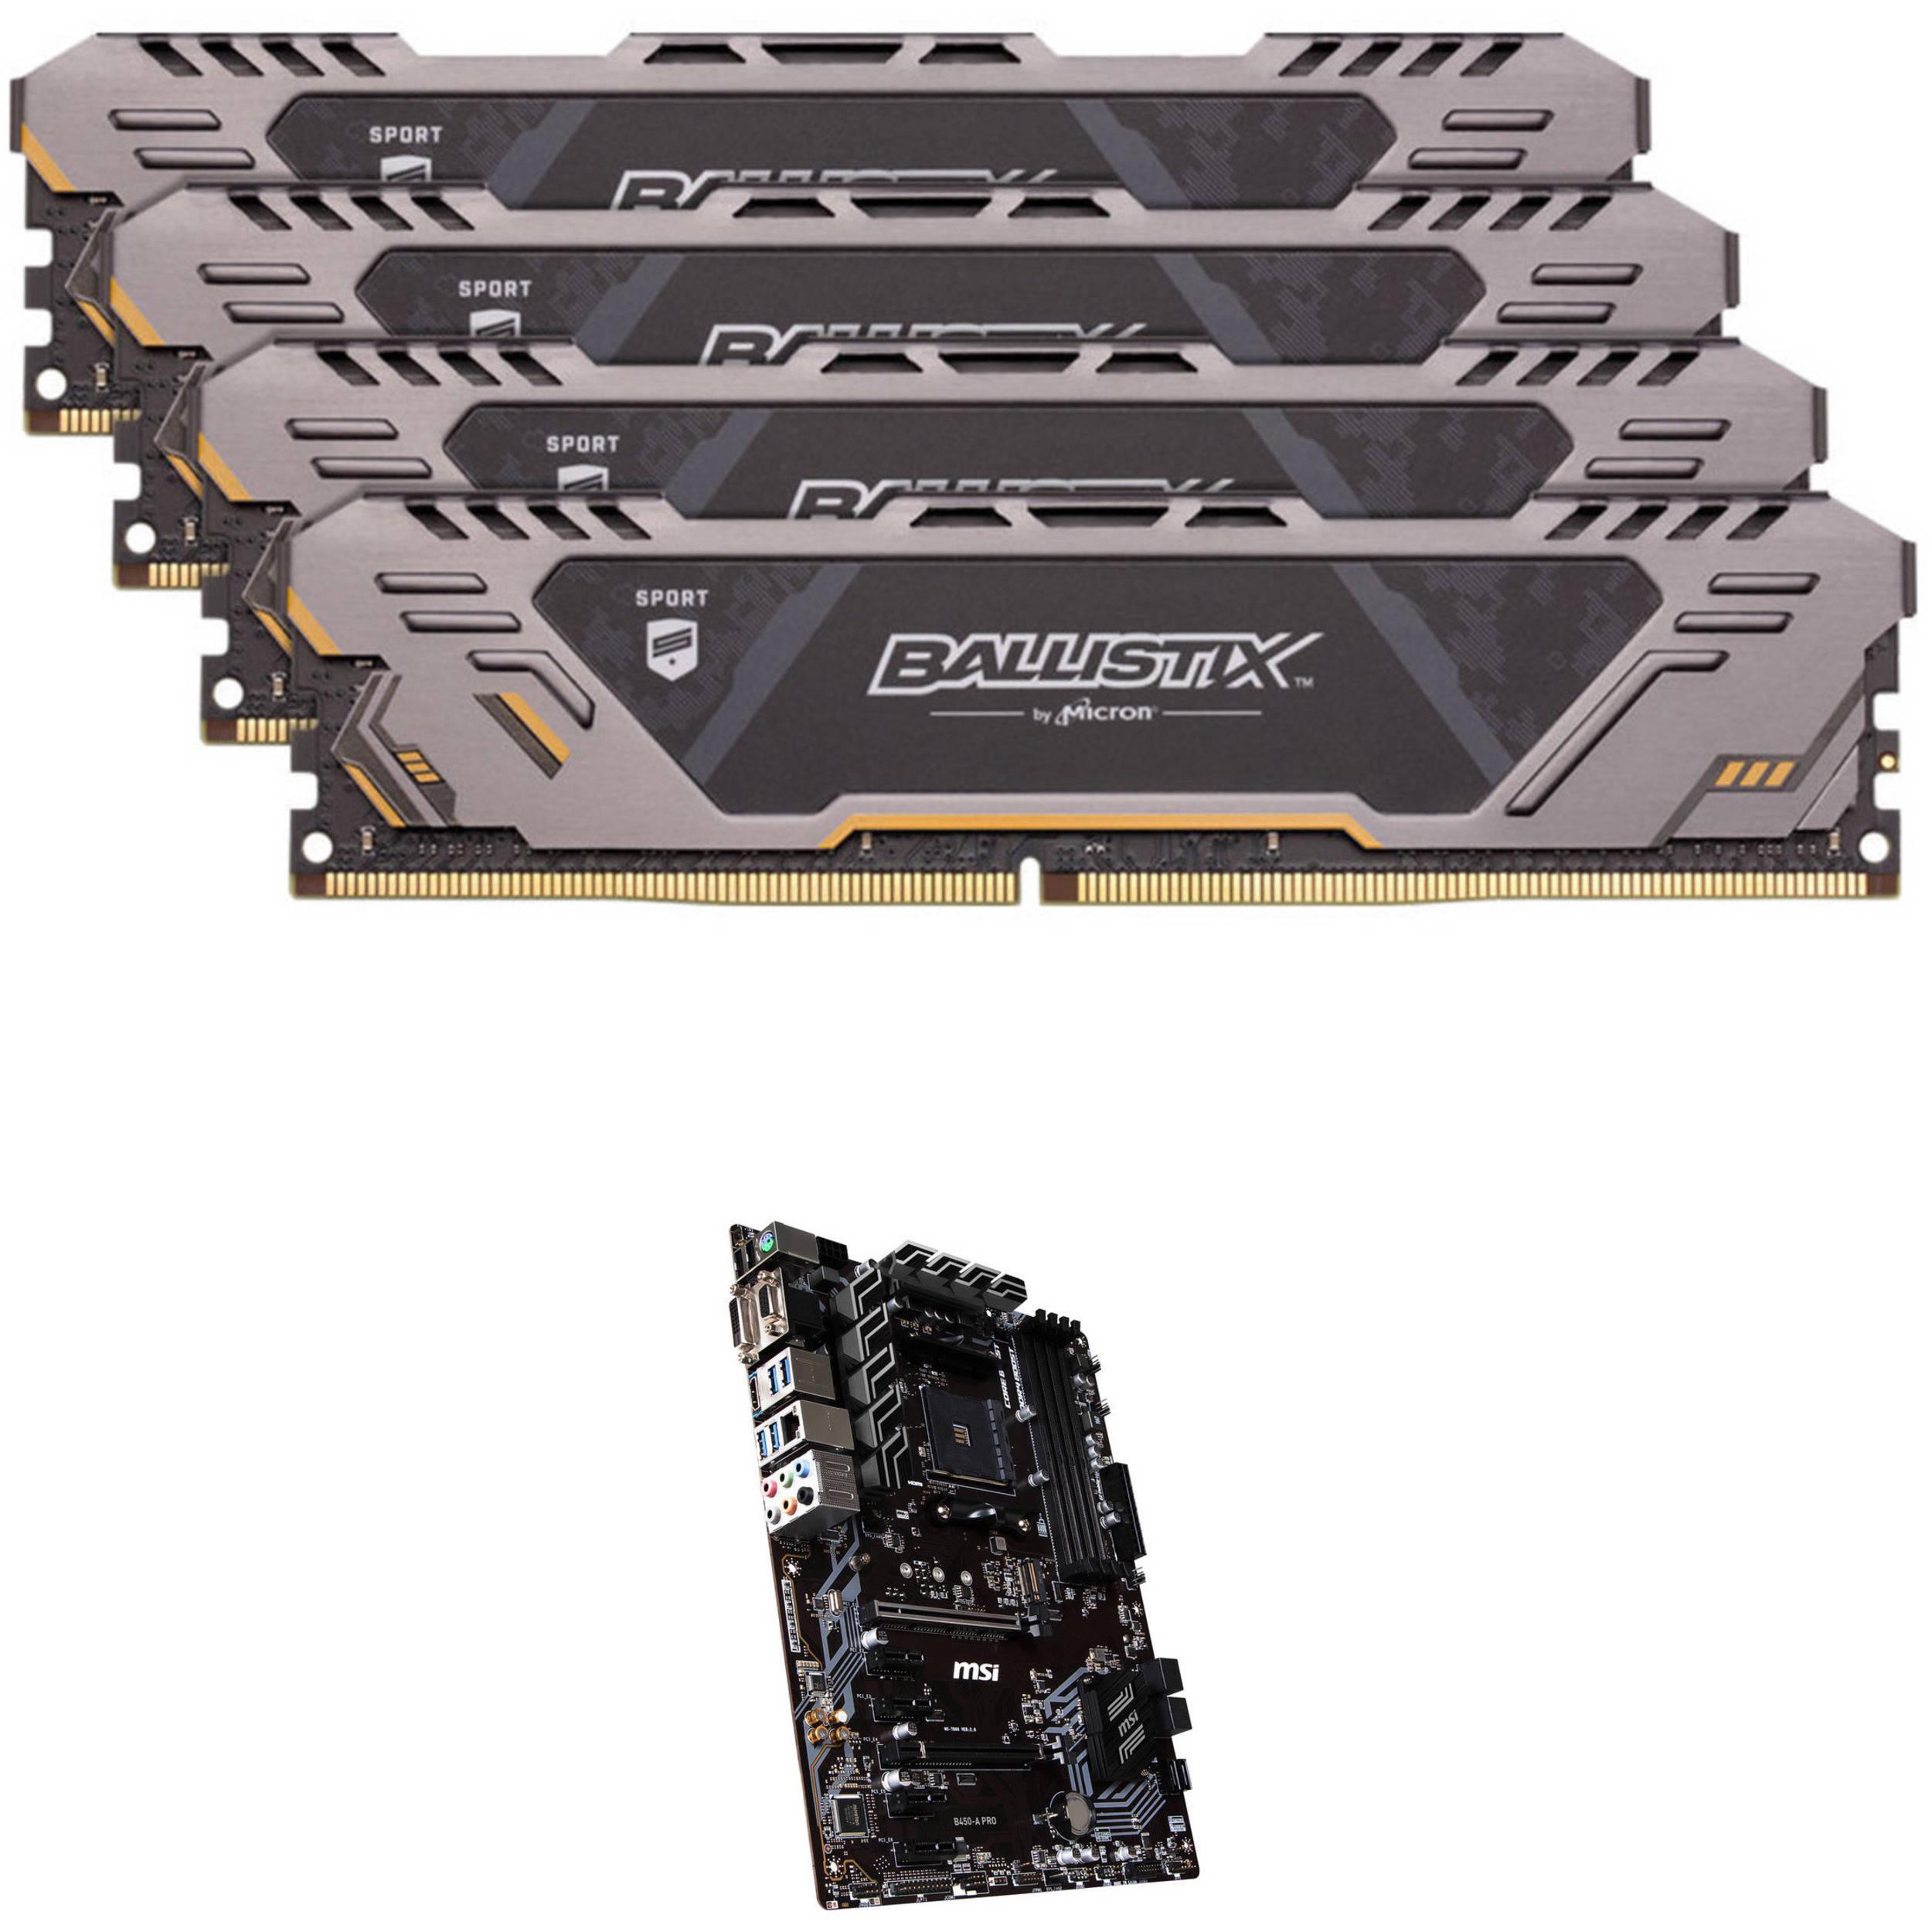 64GB Sport AT Series DDR4 & MSI B450-A PRO AM4 ATX Motherboard Kit